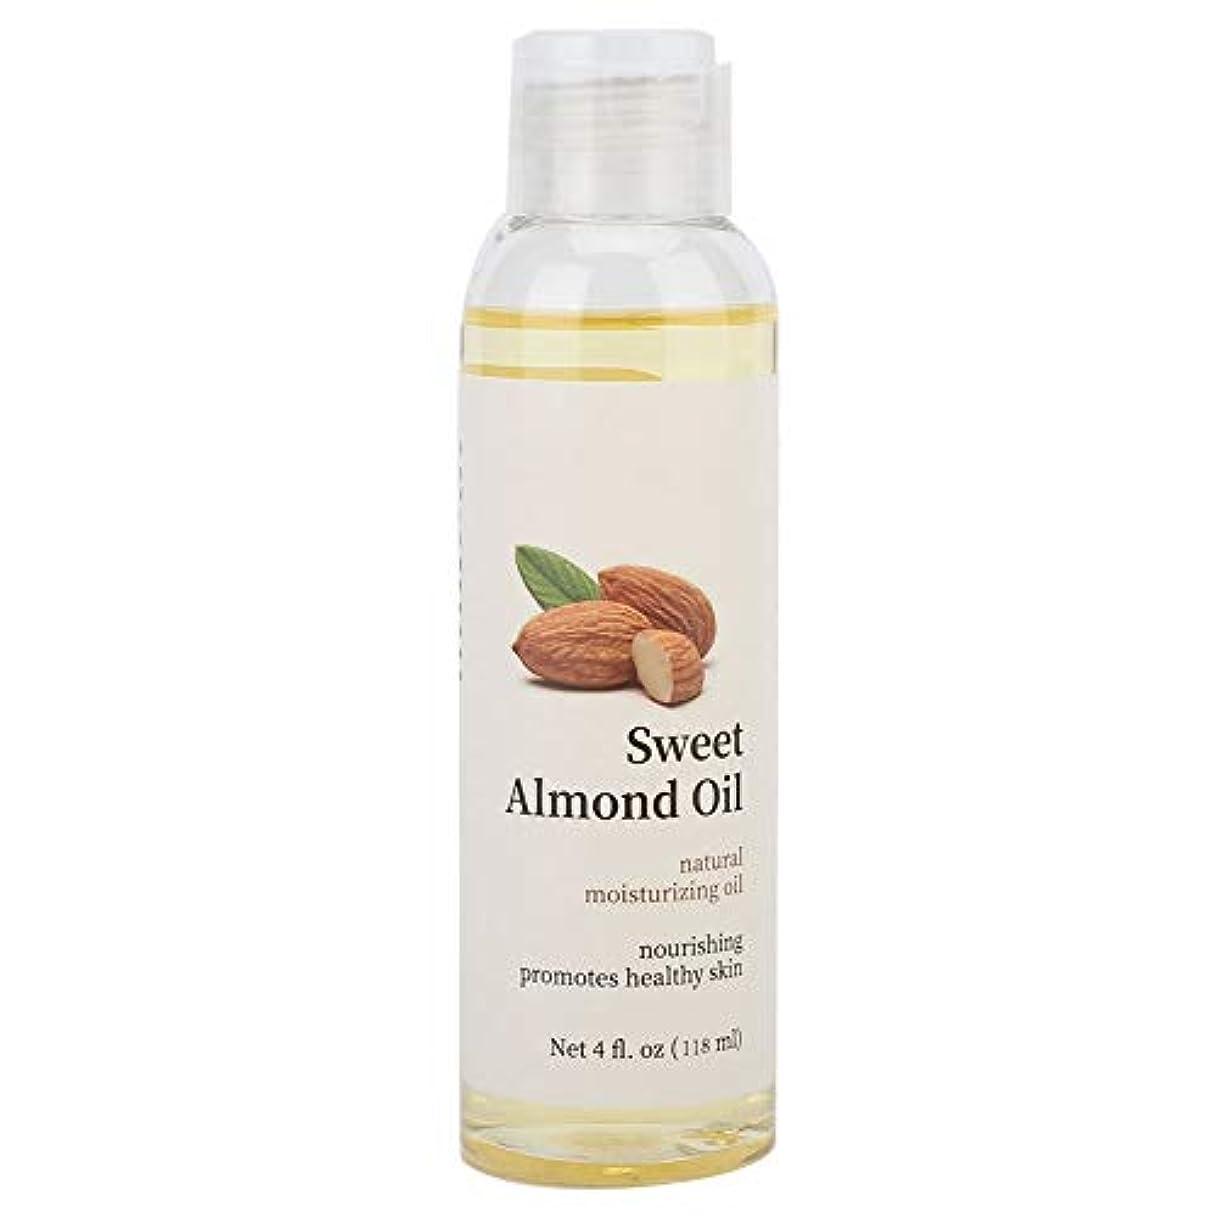 ユニークな勤勉フィルタアーモンド ボディマッサージオイル、スキンケアエッセンシャルオイル保湿 スキンケアとヘアケアに最適、肌と顔の柔らかさ、男性と女性の両方に最適118ml